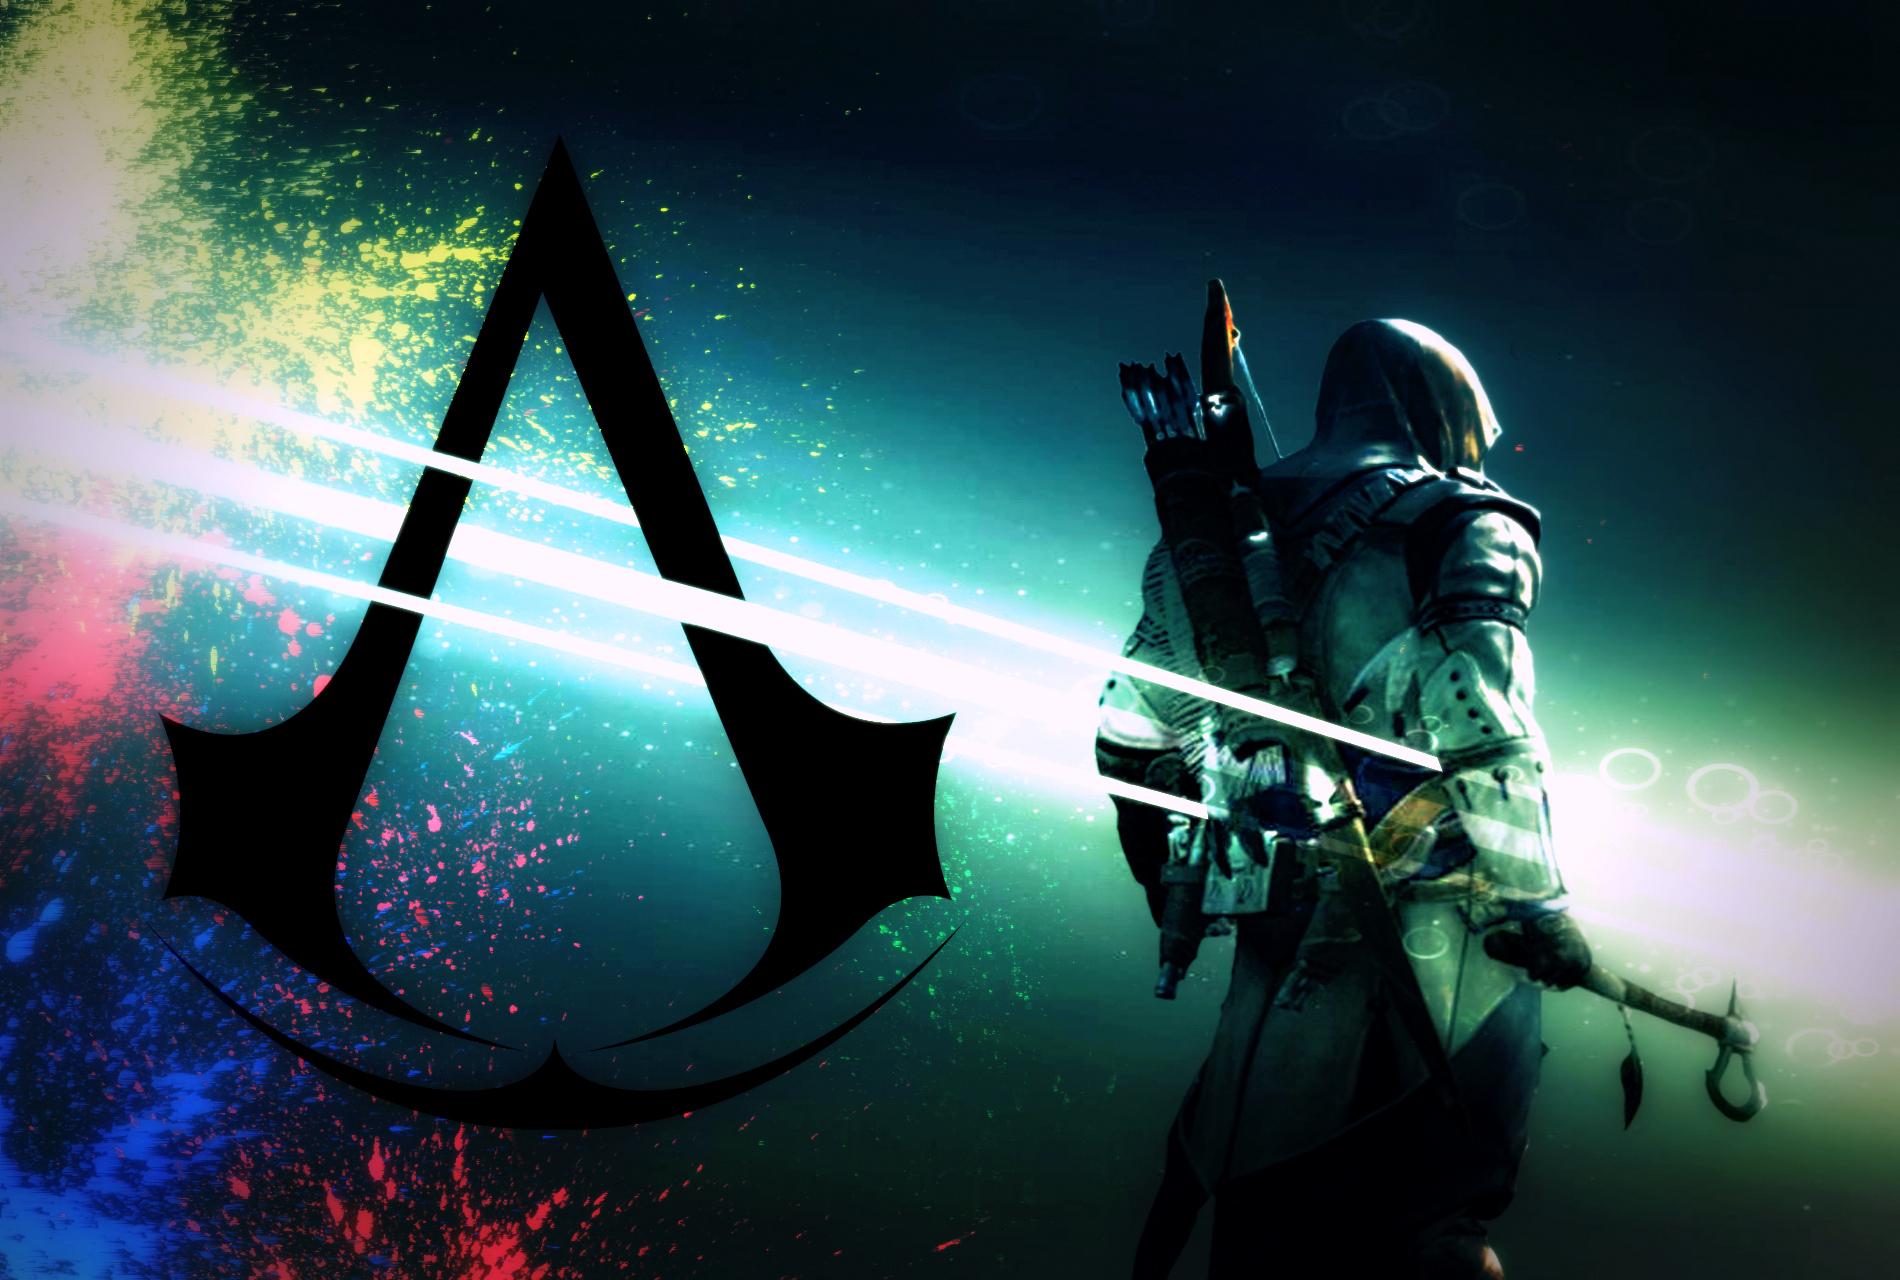 Assassin S Creed 3 Wallpaper By Nakshatras1 On Deviantart